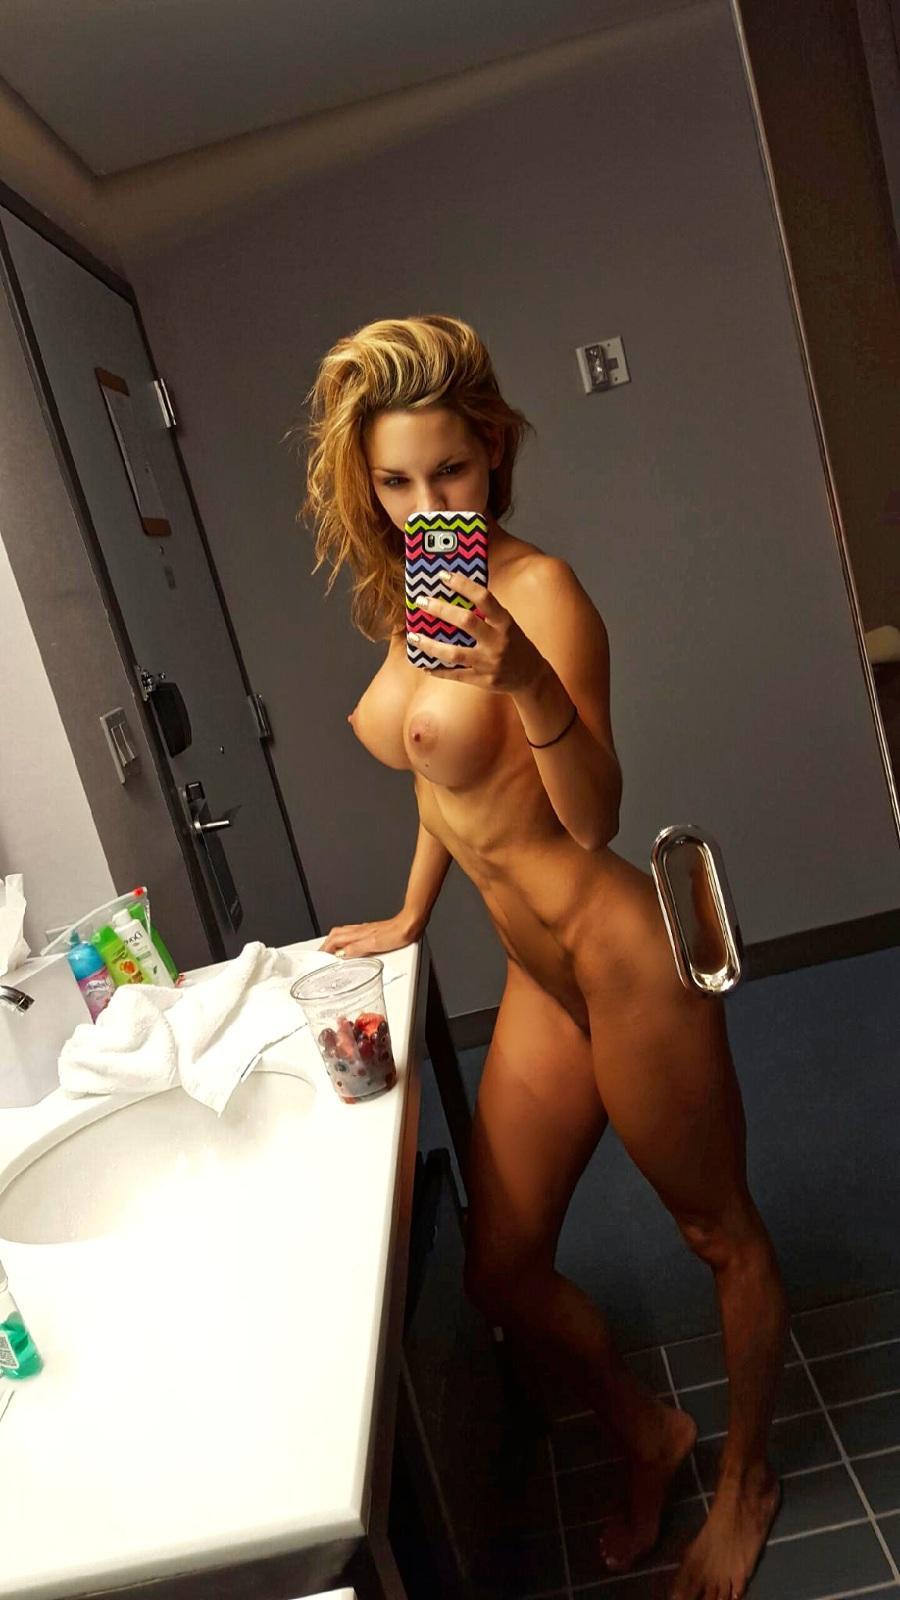 Ashley sinclair porn consider